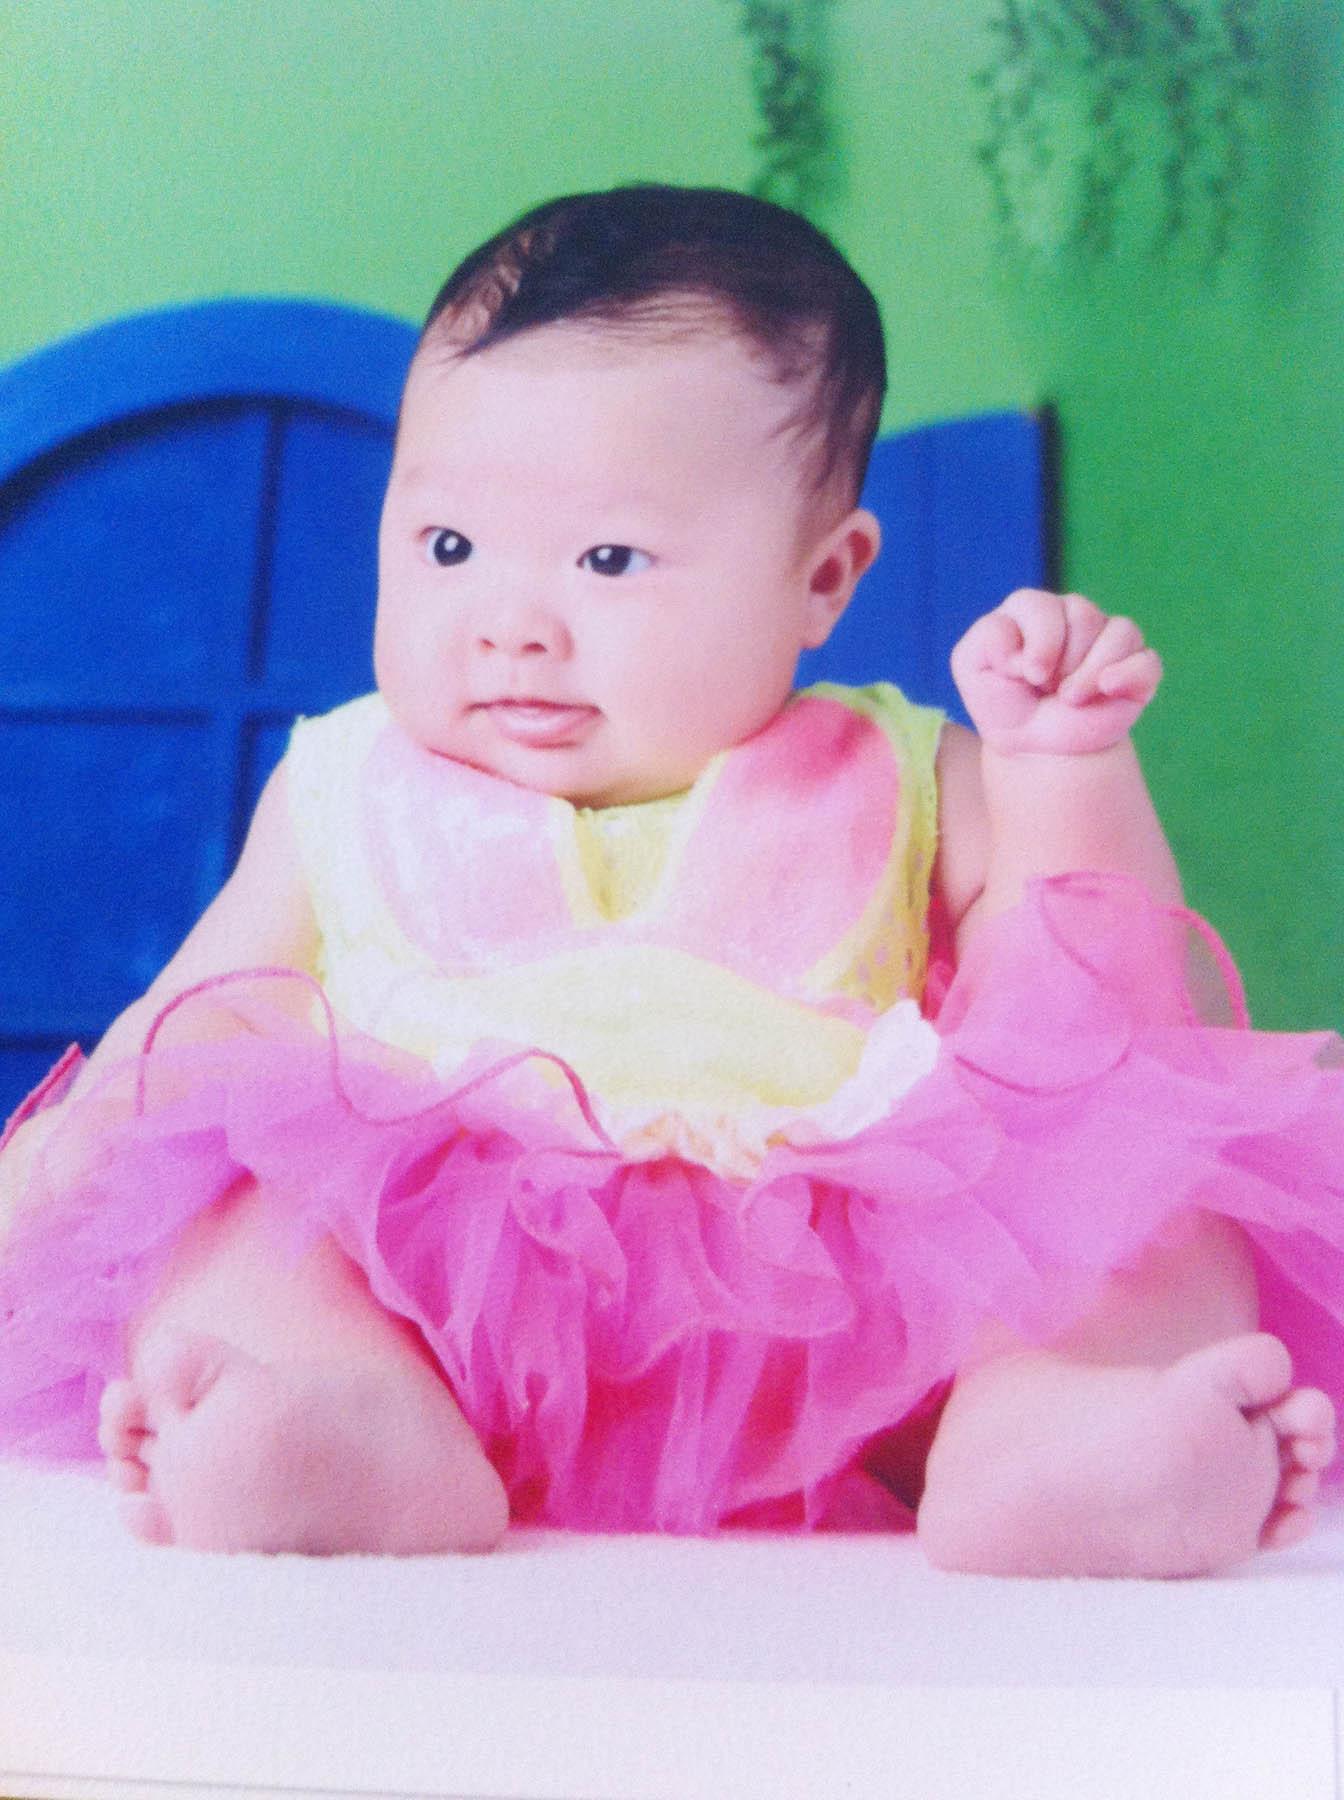 家长姓名段萌 家长电话158xxxx5989 宝宝介绍活泼可爱的宝贝,有点好动